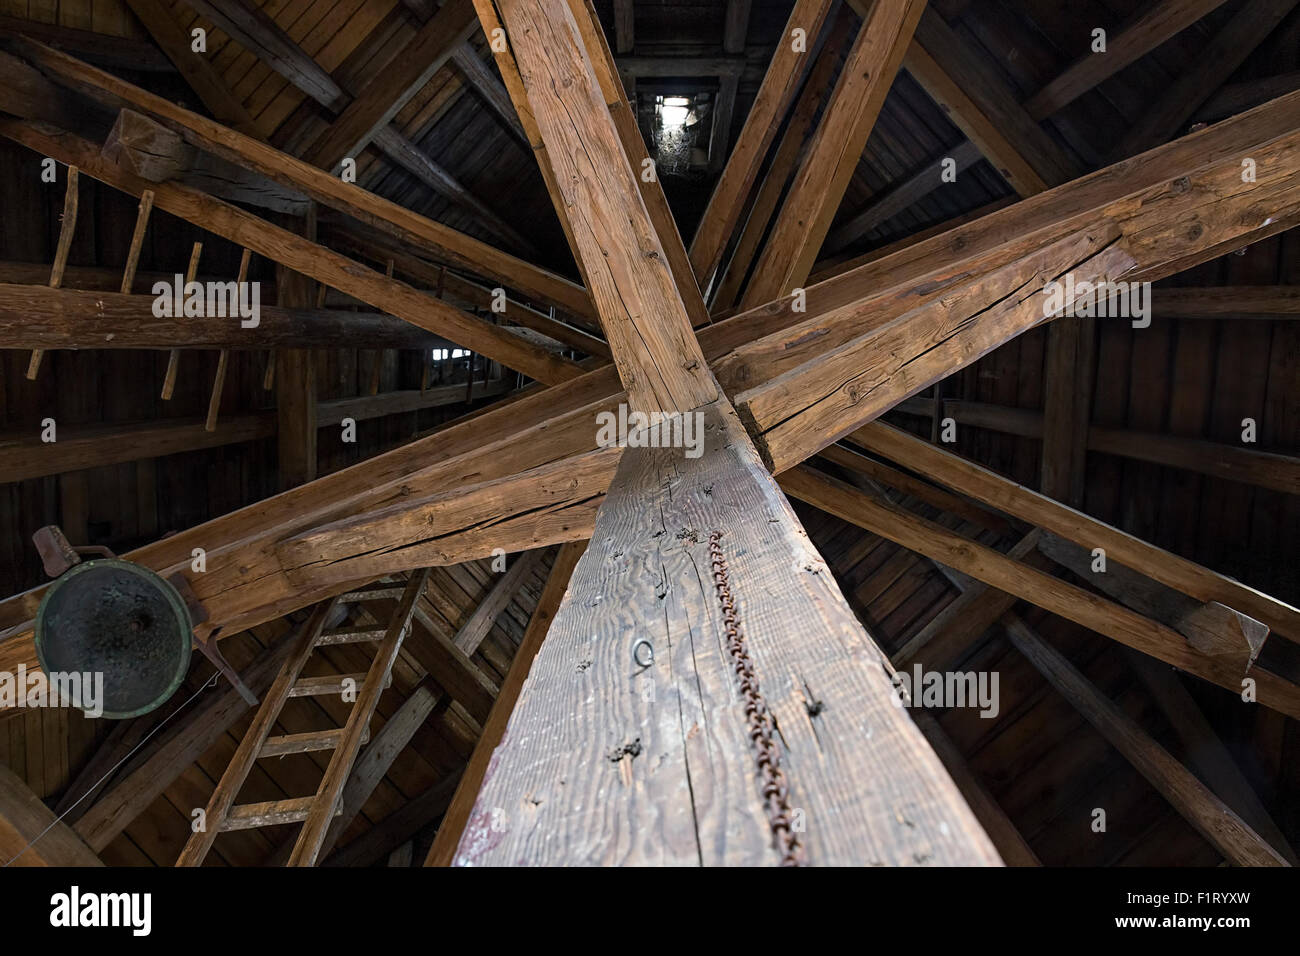 Alte holzbalken im dachgeschoss des historischen turm in prag stockfoto bild 87193313 alamy - Alte holzbalken kaufen ...